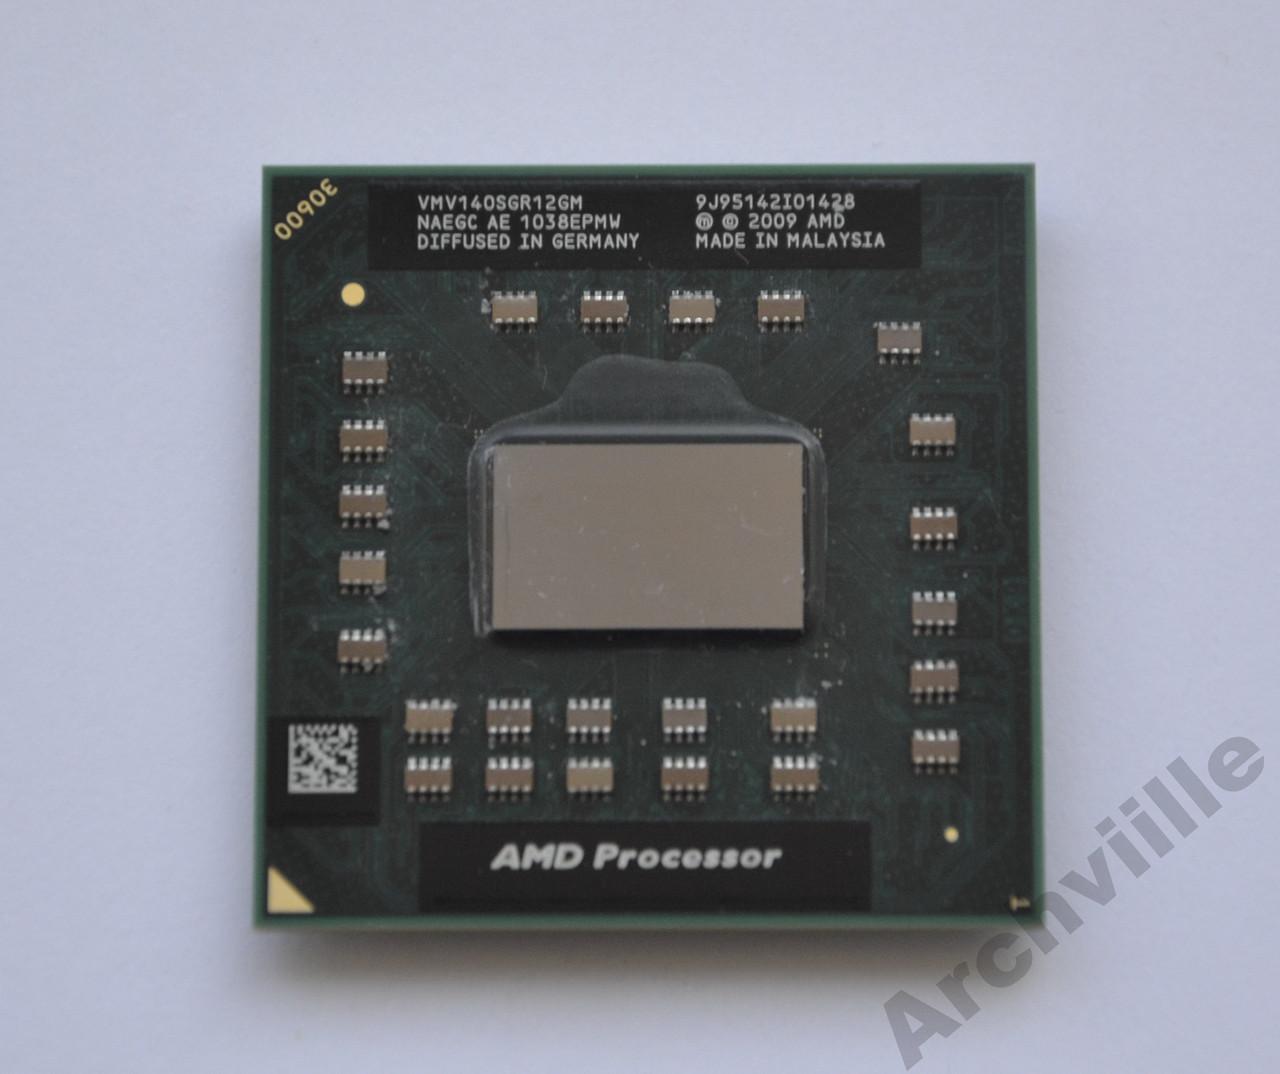 Процессор AMD Processor VMV140SGR12GM